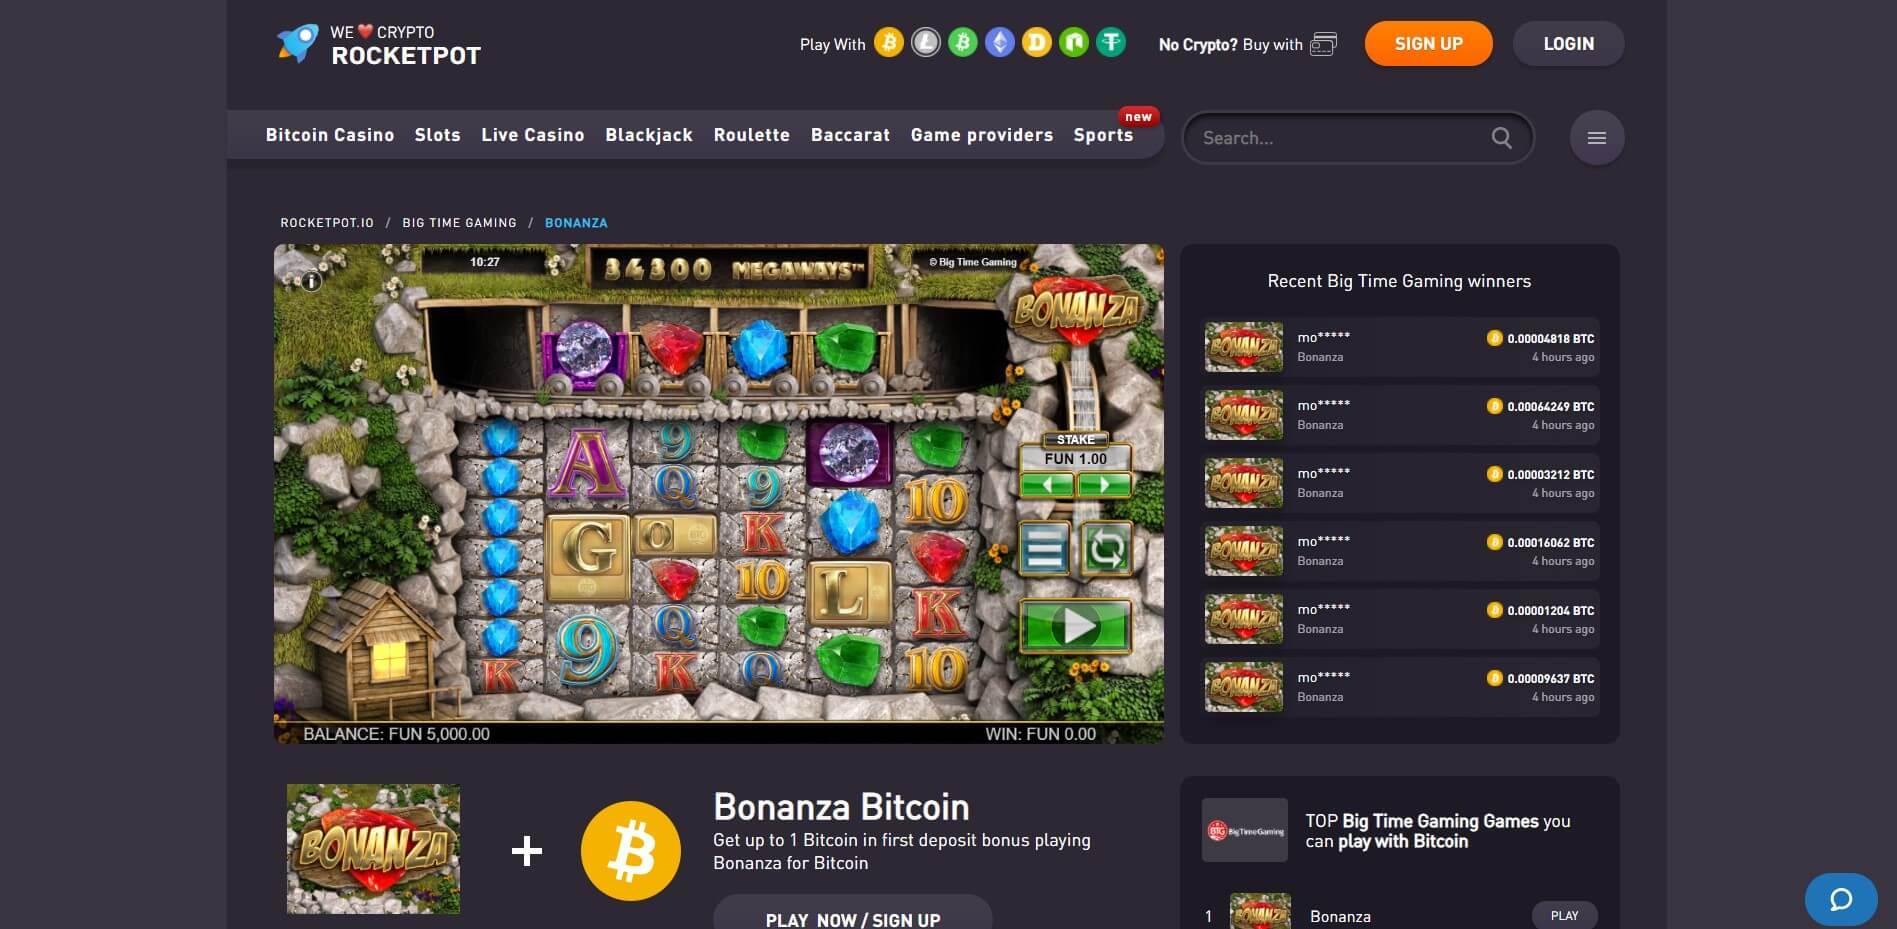 Game Play at Rockepot Casino